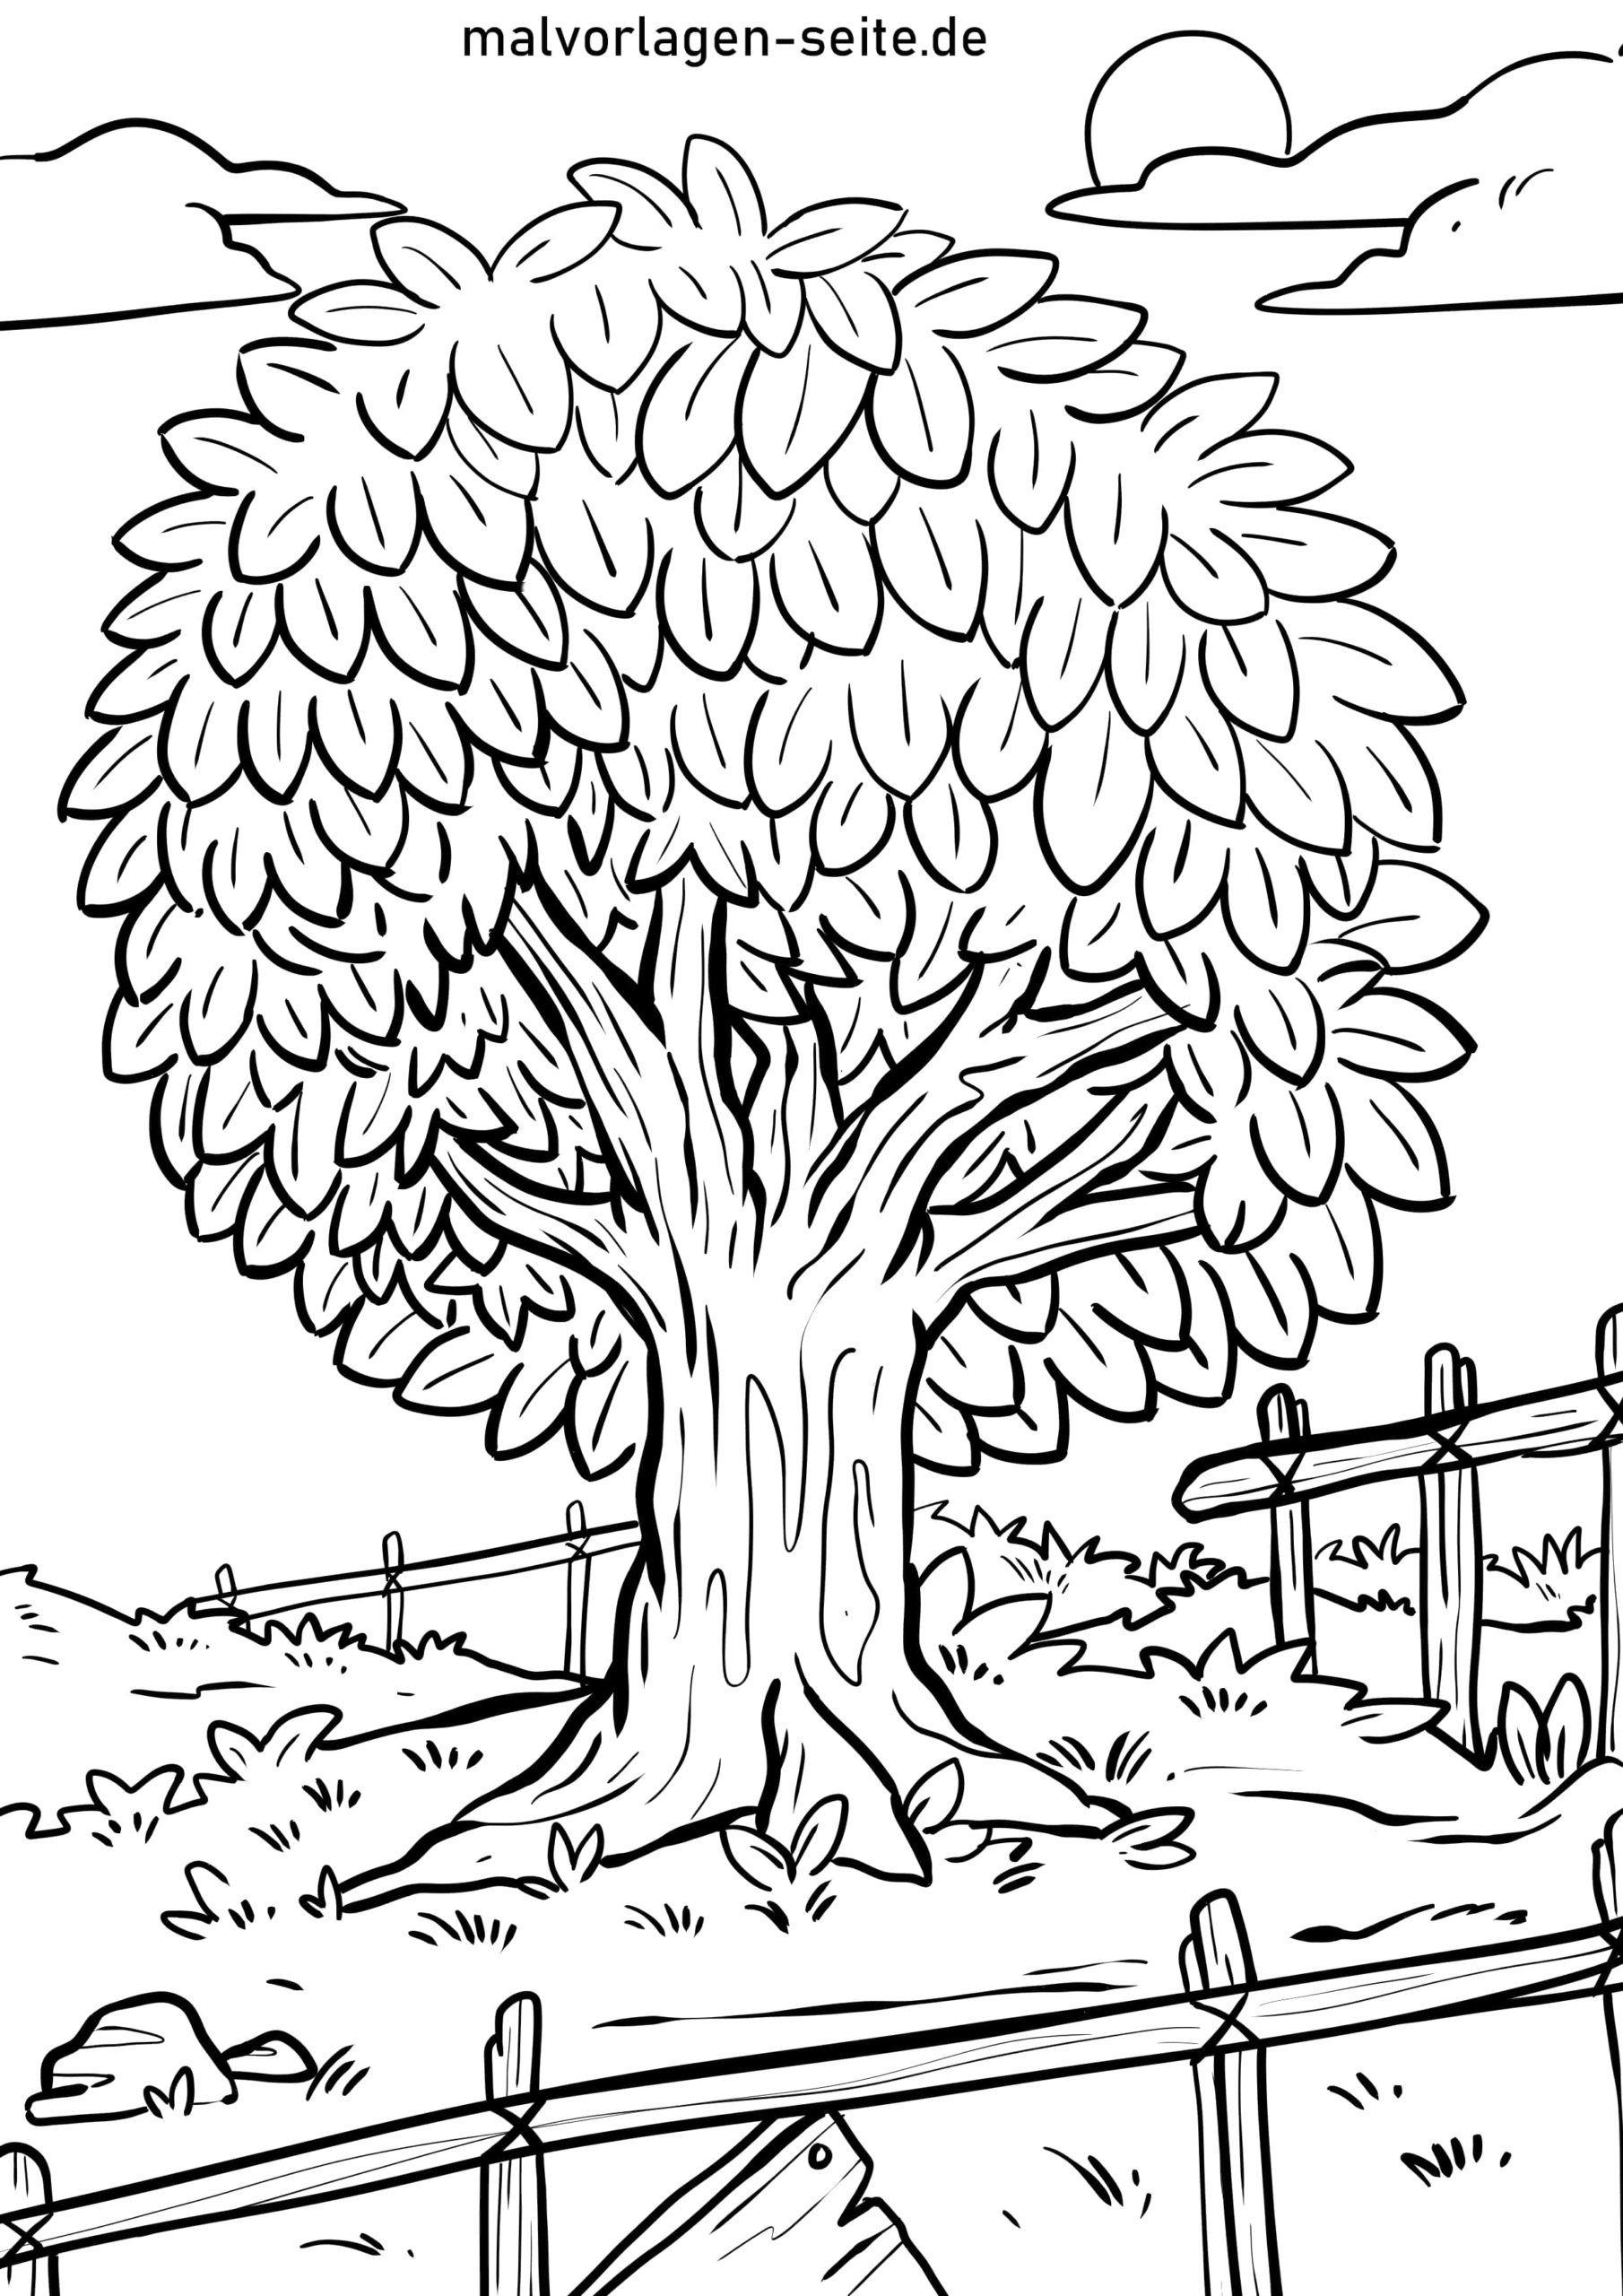 Malvorlage Baum - Ausmalbilder Kostenlos Herunterladen verwandt mit Malvorlagen Baum